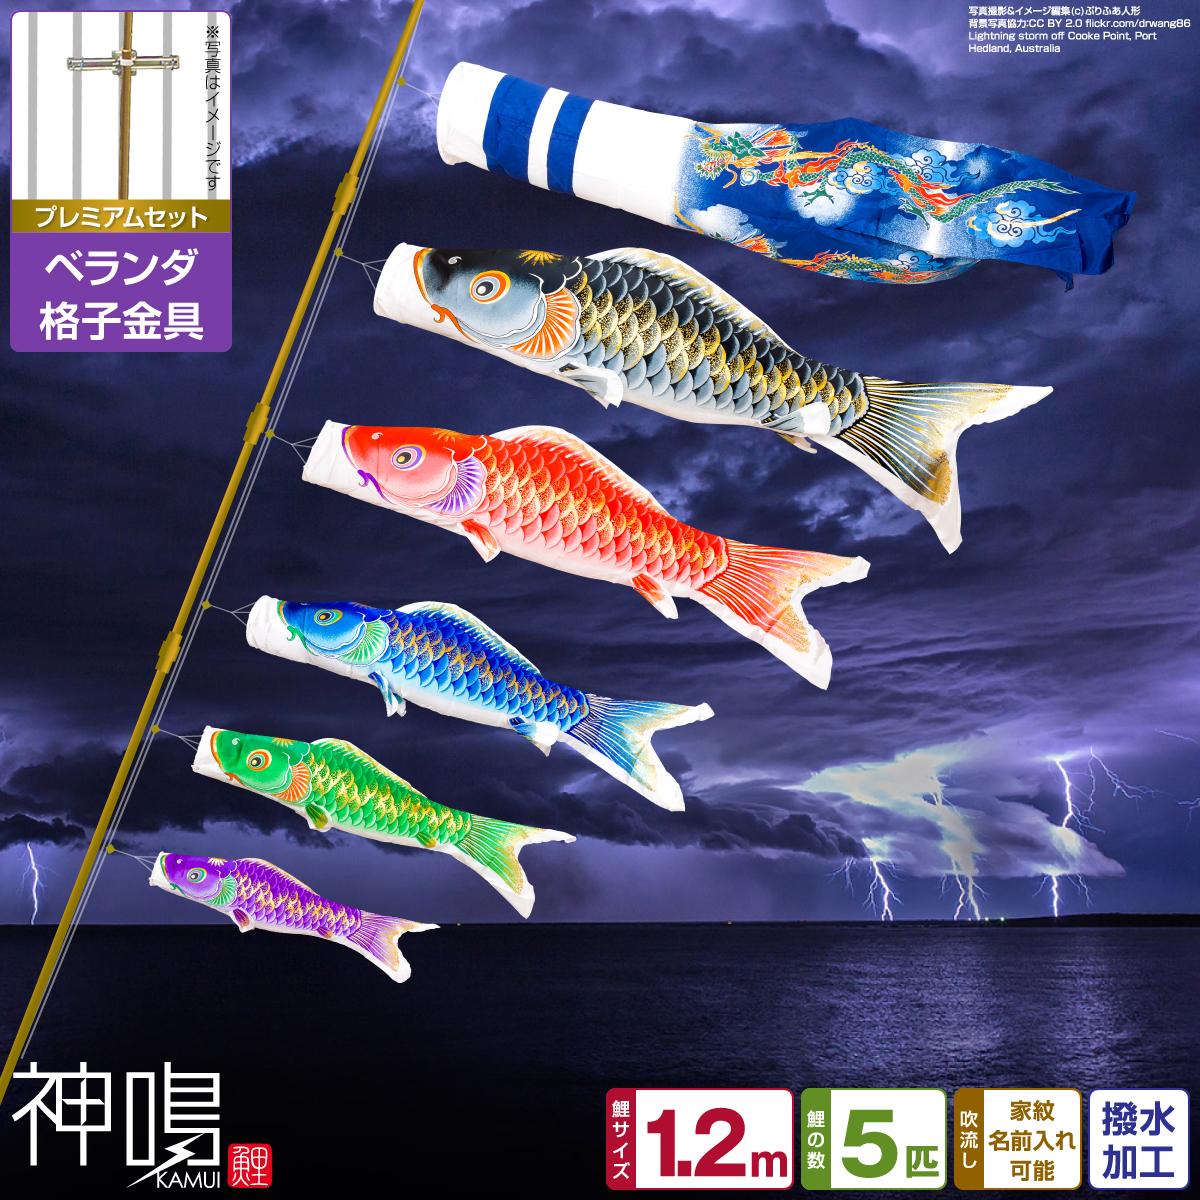 ベランダ用 鯉のぼり 神鳴鯉-KAMUI- 1.2m 8点(吹流し+鯉5匹+矢車+ロープ)/プレミアムセット(格子金具)